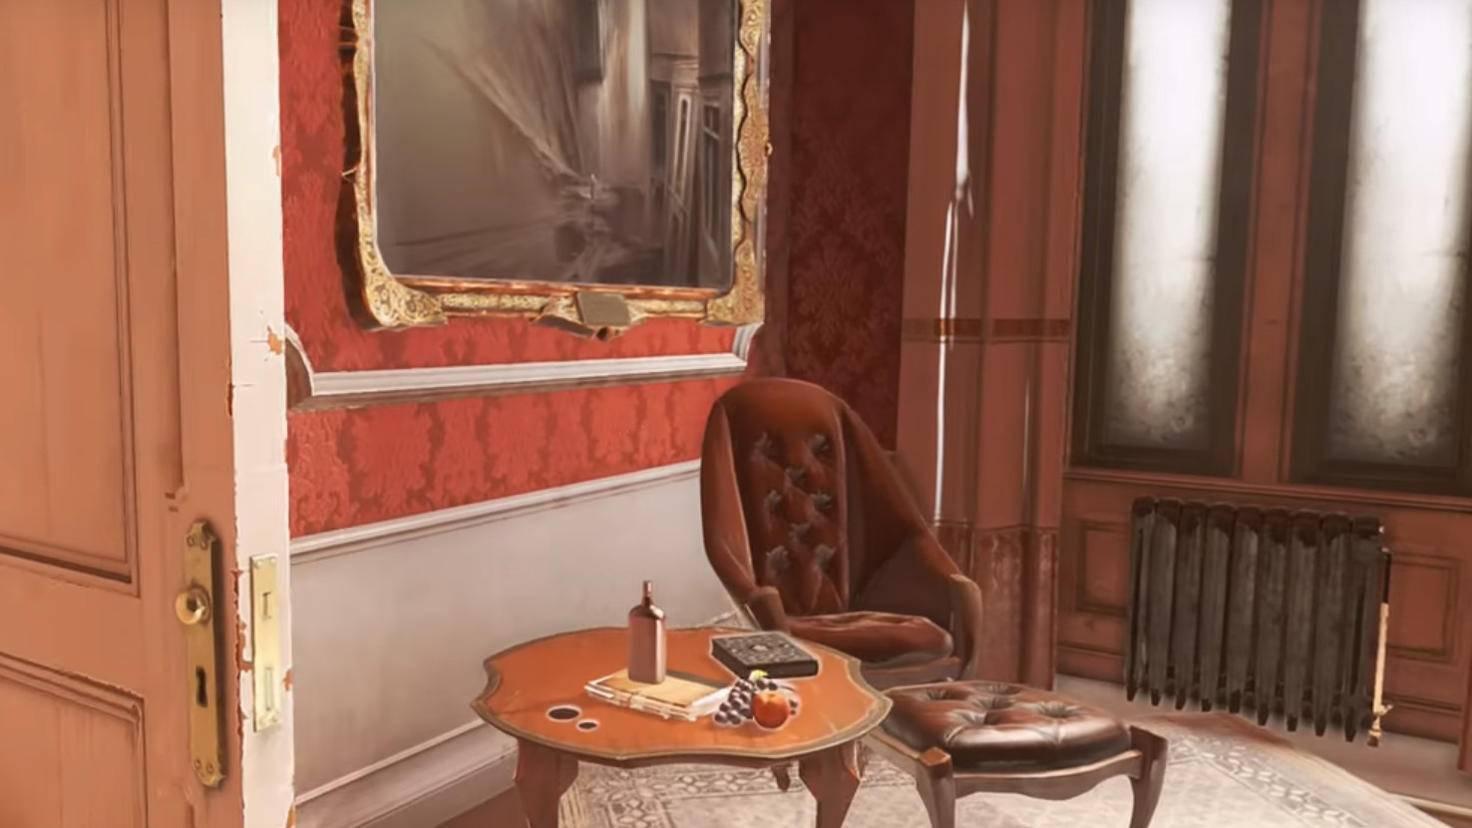 Hinter der Tür in Shan Yuns Zimmer hängt das vierte Gemälde.